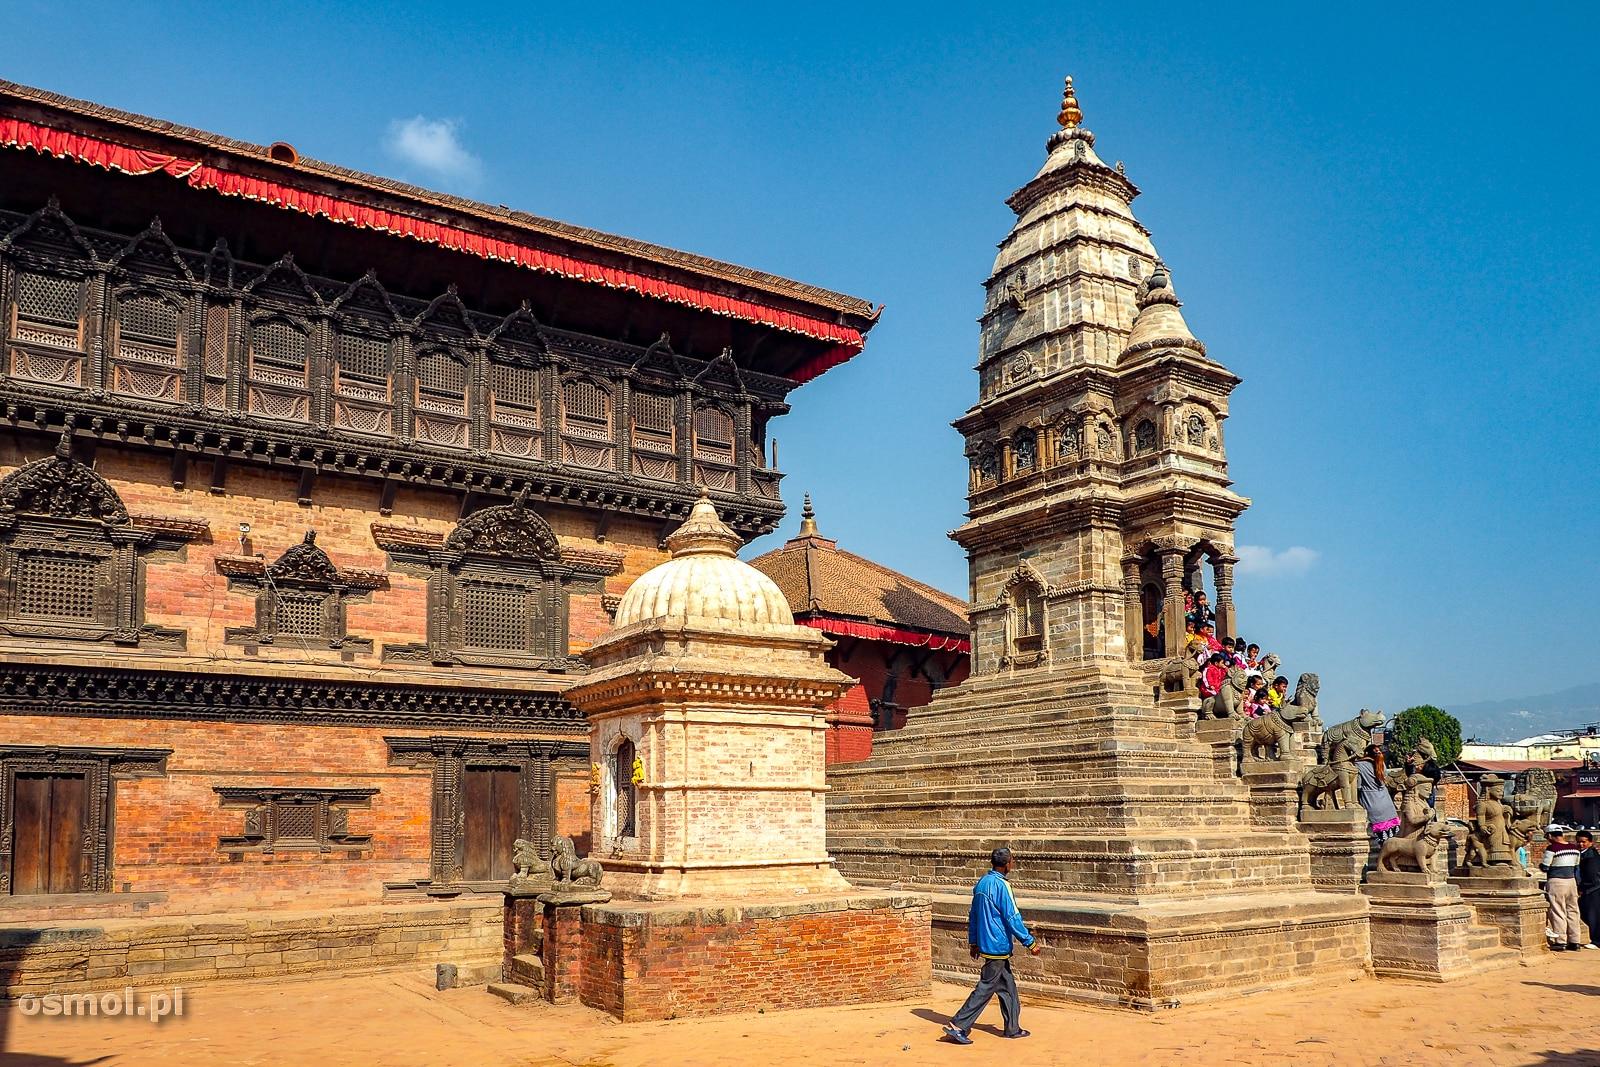 Kawałek Pałacu Pięćdziesięciu pięciu okien a obok dobudowana niedawno świątynia.